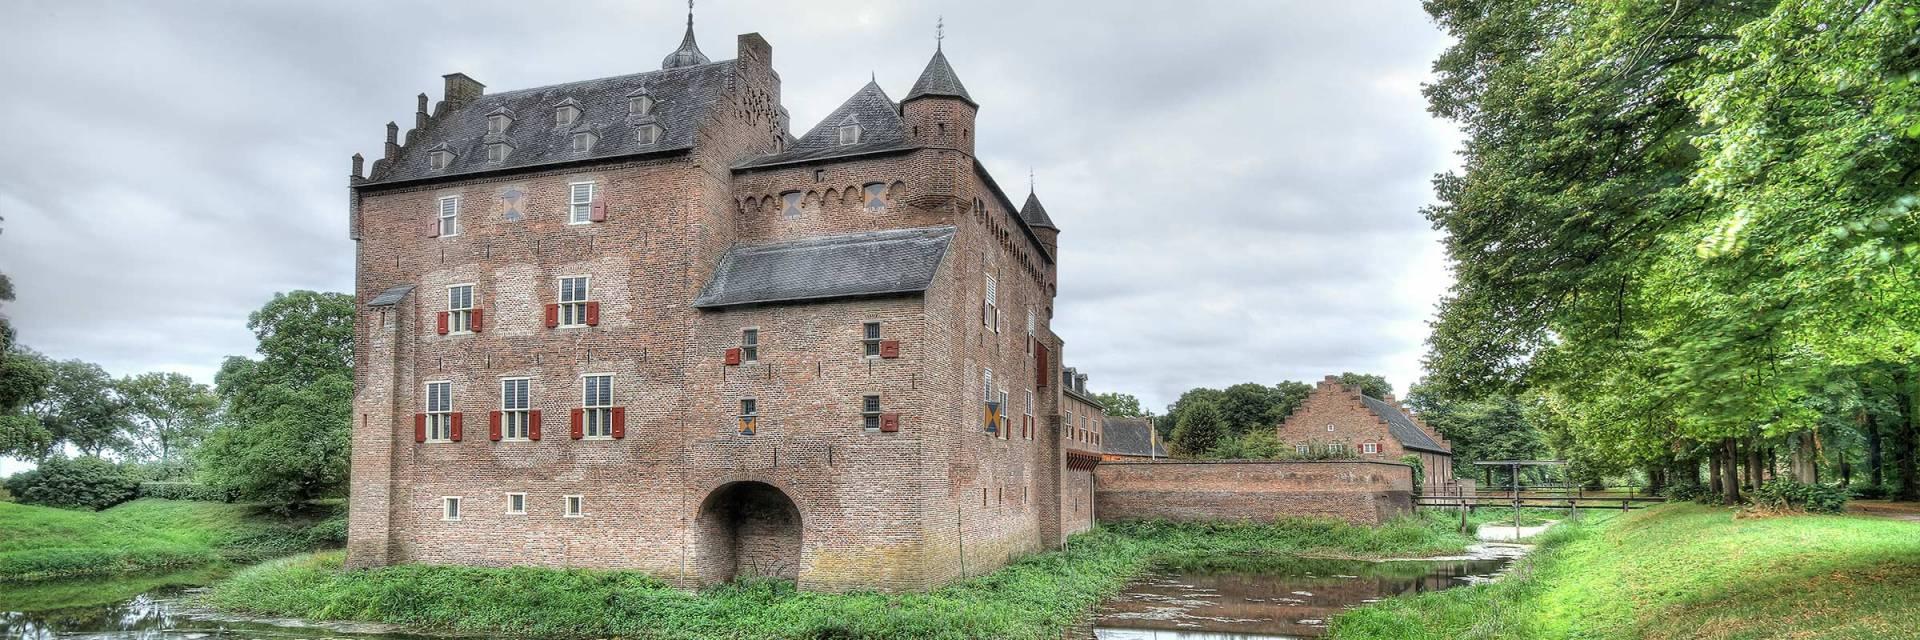 kastelen, kasteel doorwerth